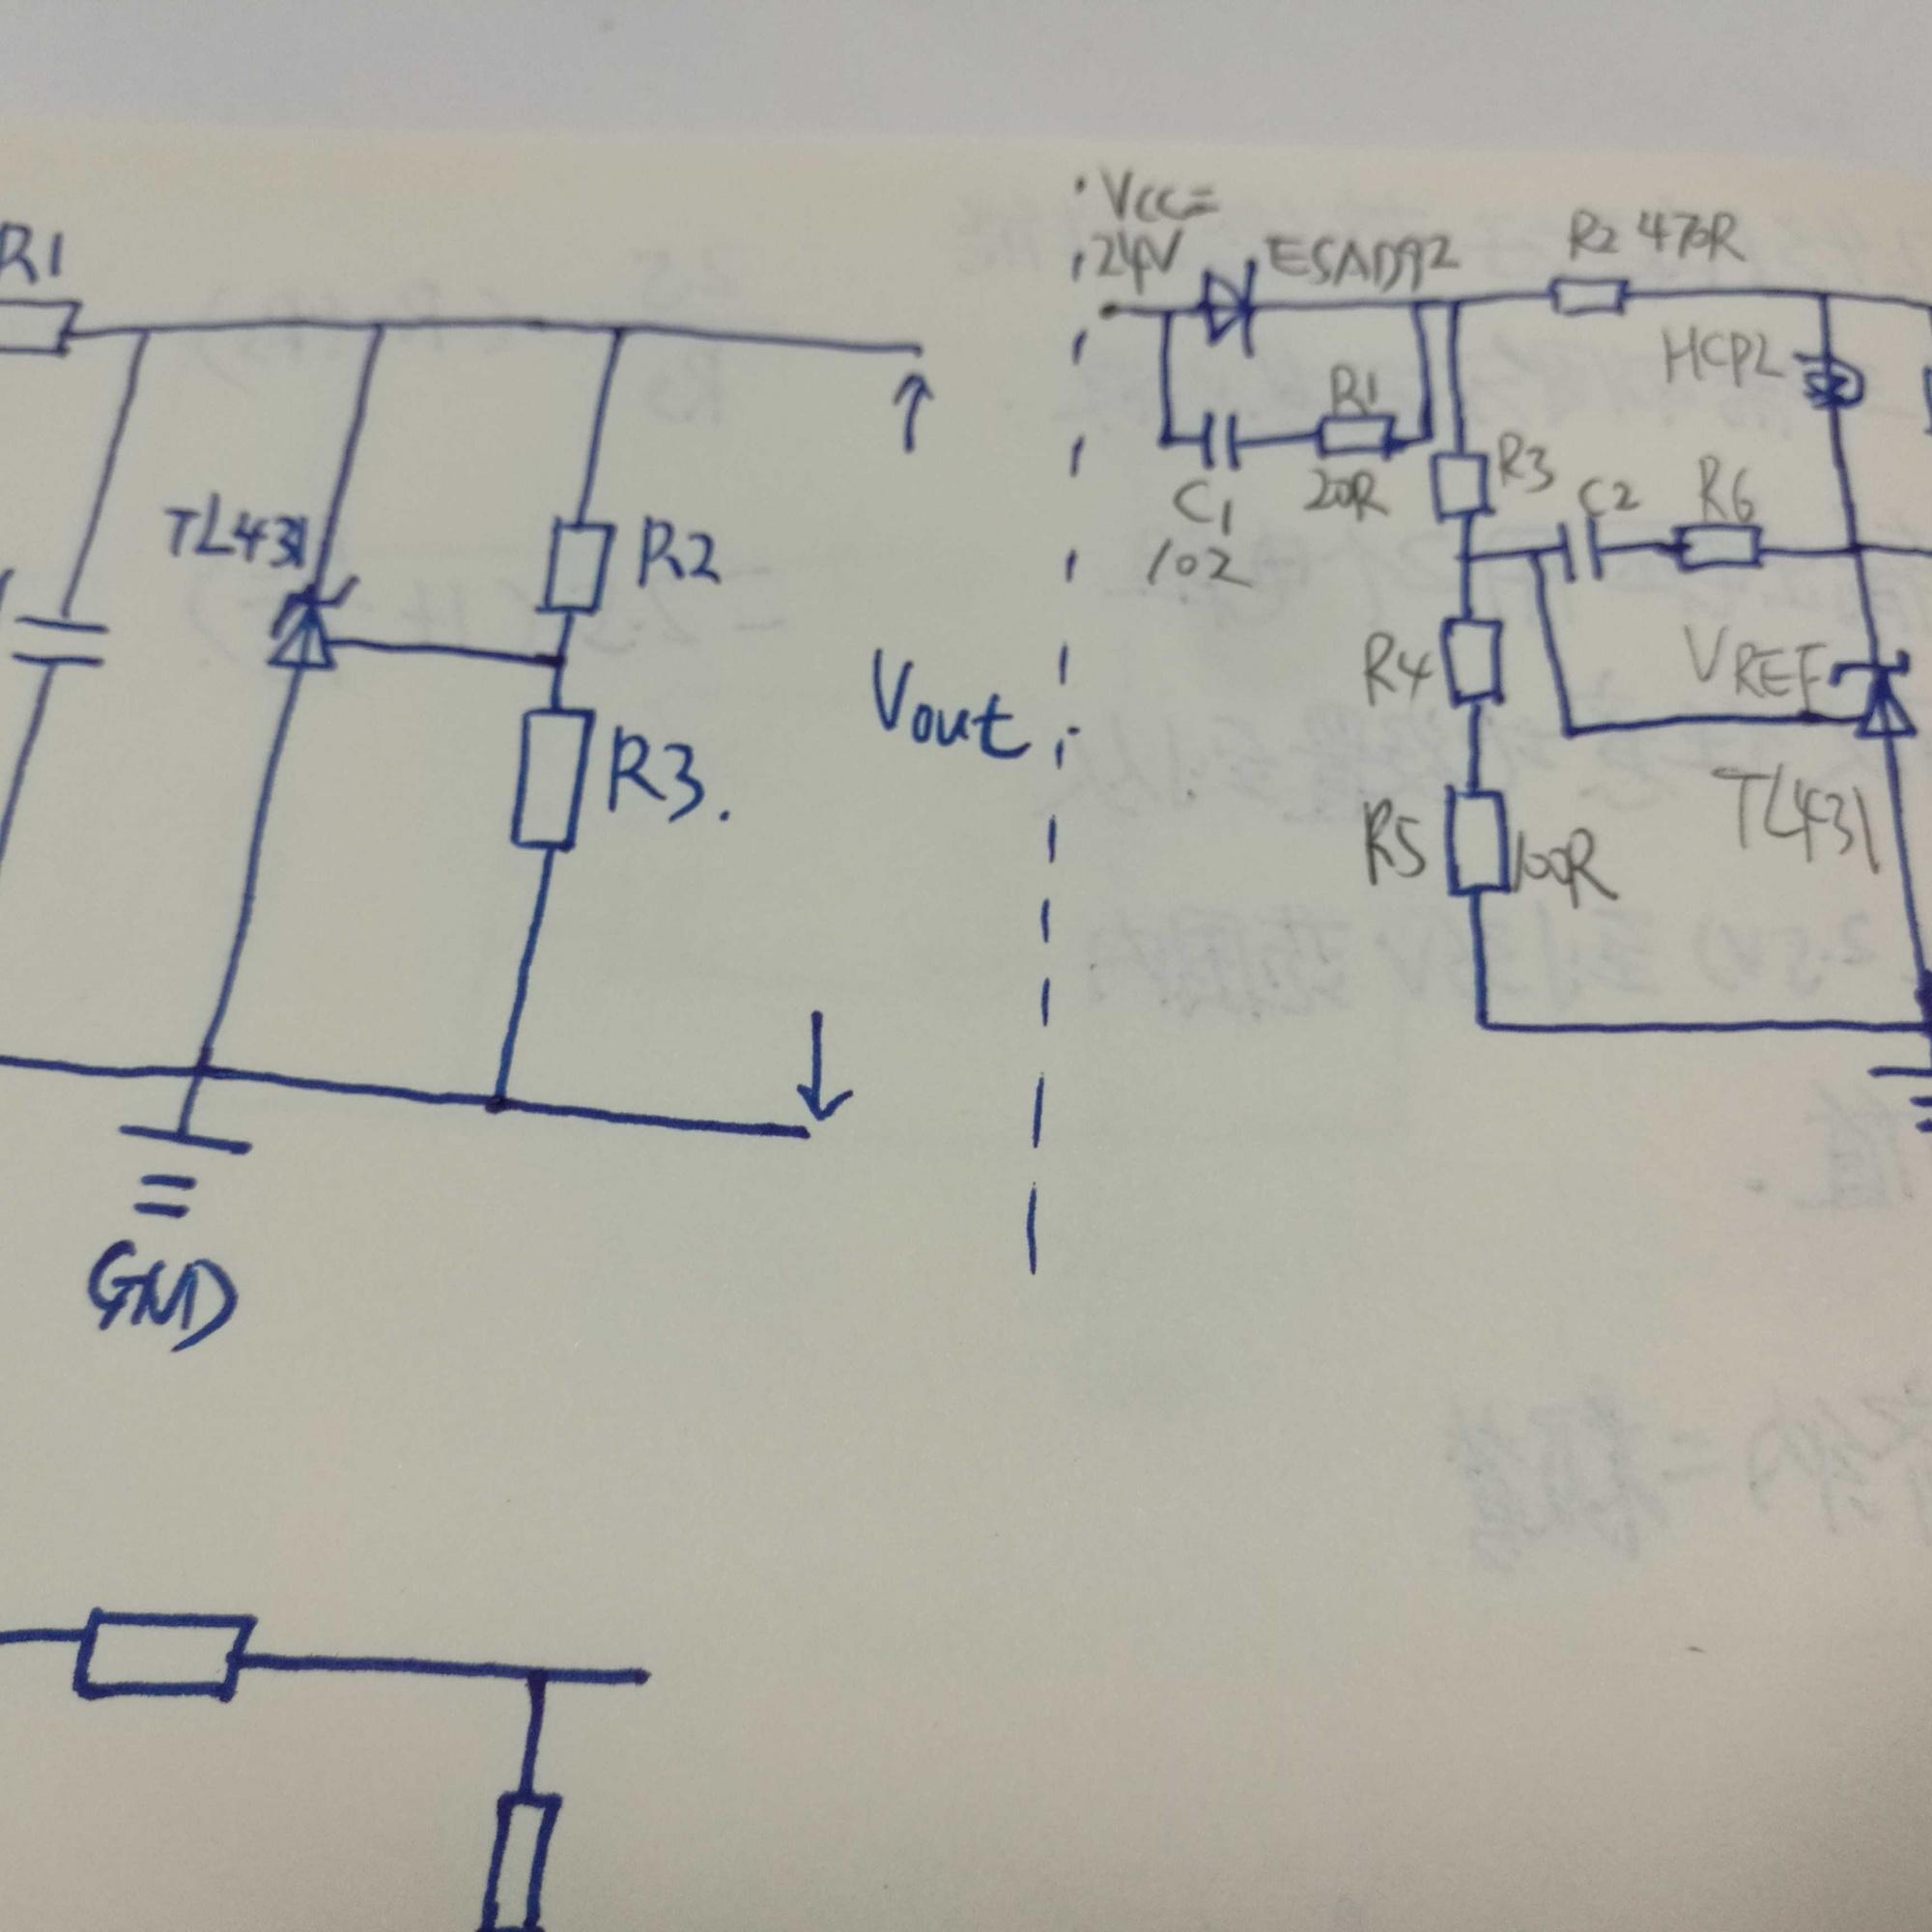 稳压器件tl431散问 - 电路设计论坛 - 中国电子技术